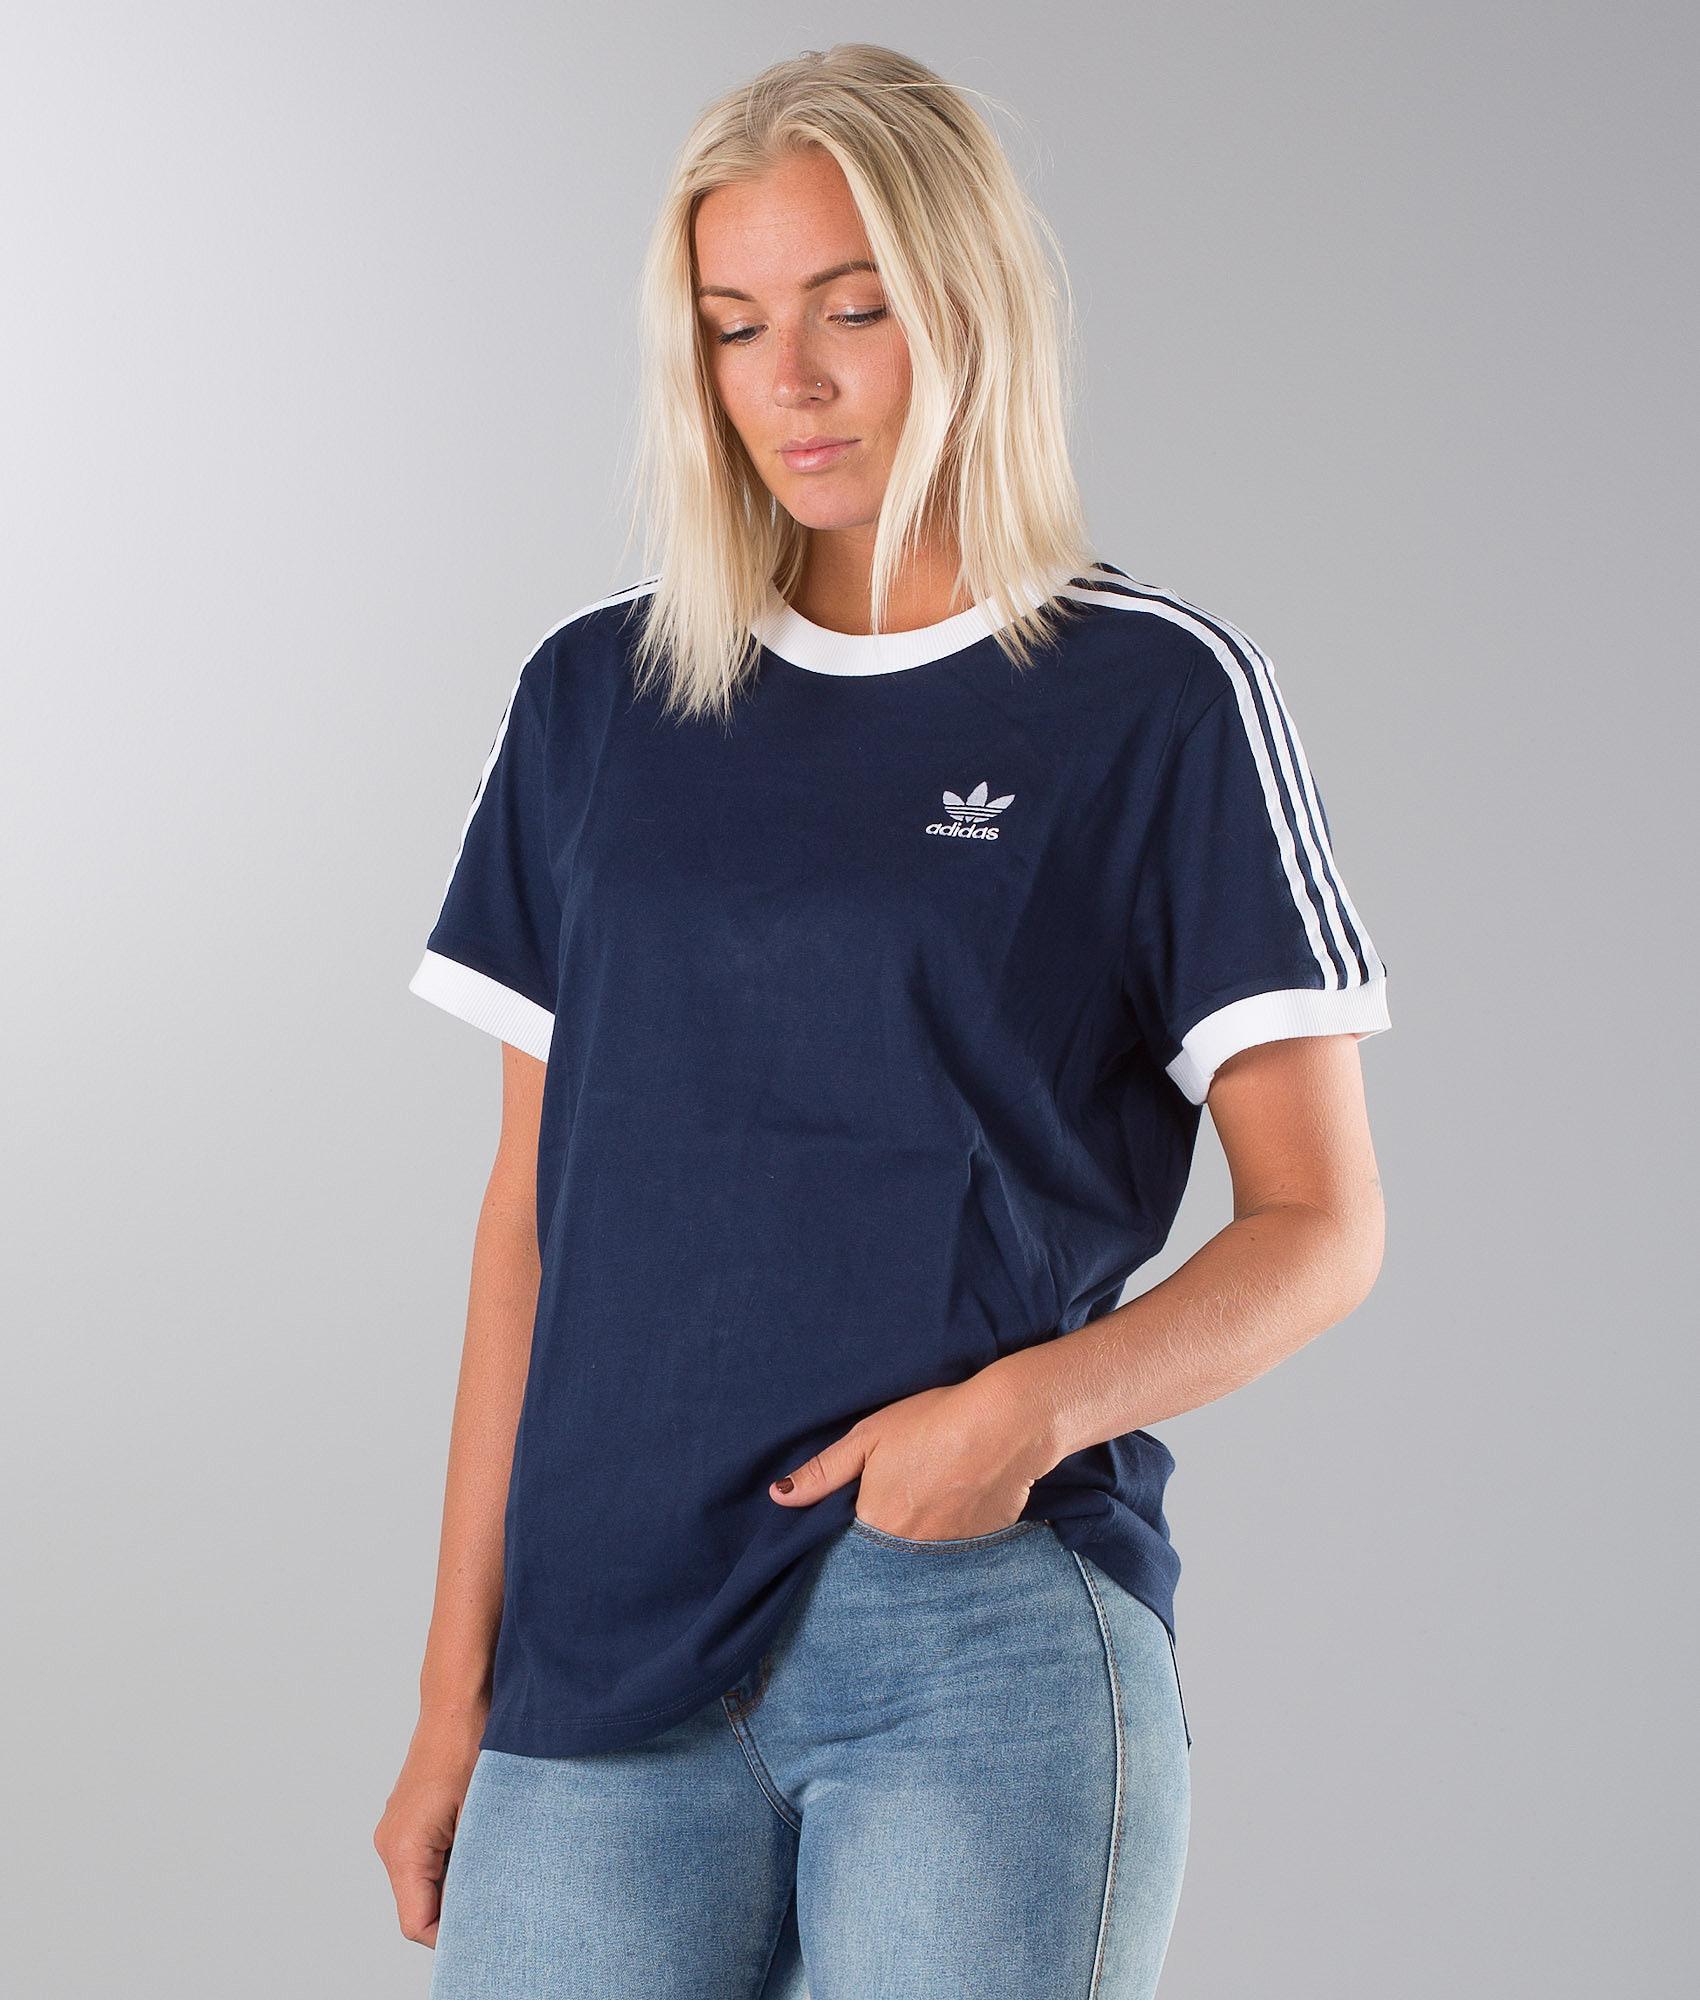 76557a4d Adidas Originals 3 Stripes T-shirt Collegiate Navy - Ridestore.com